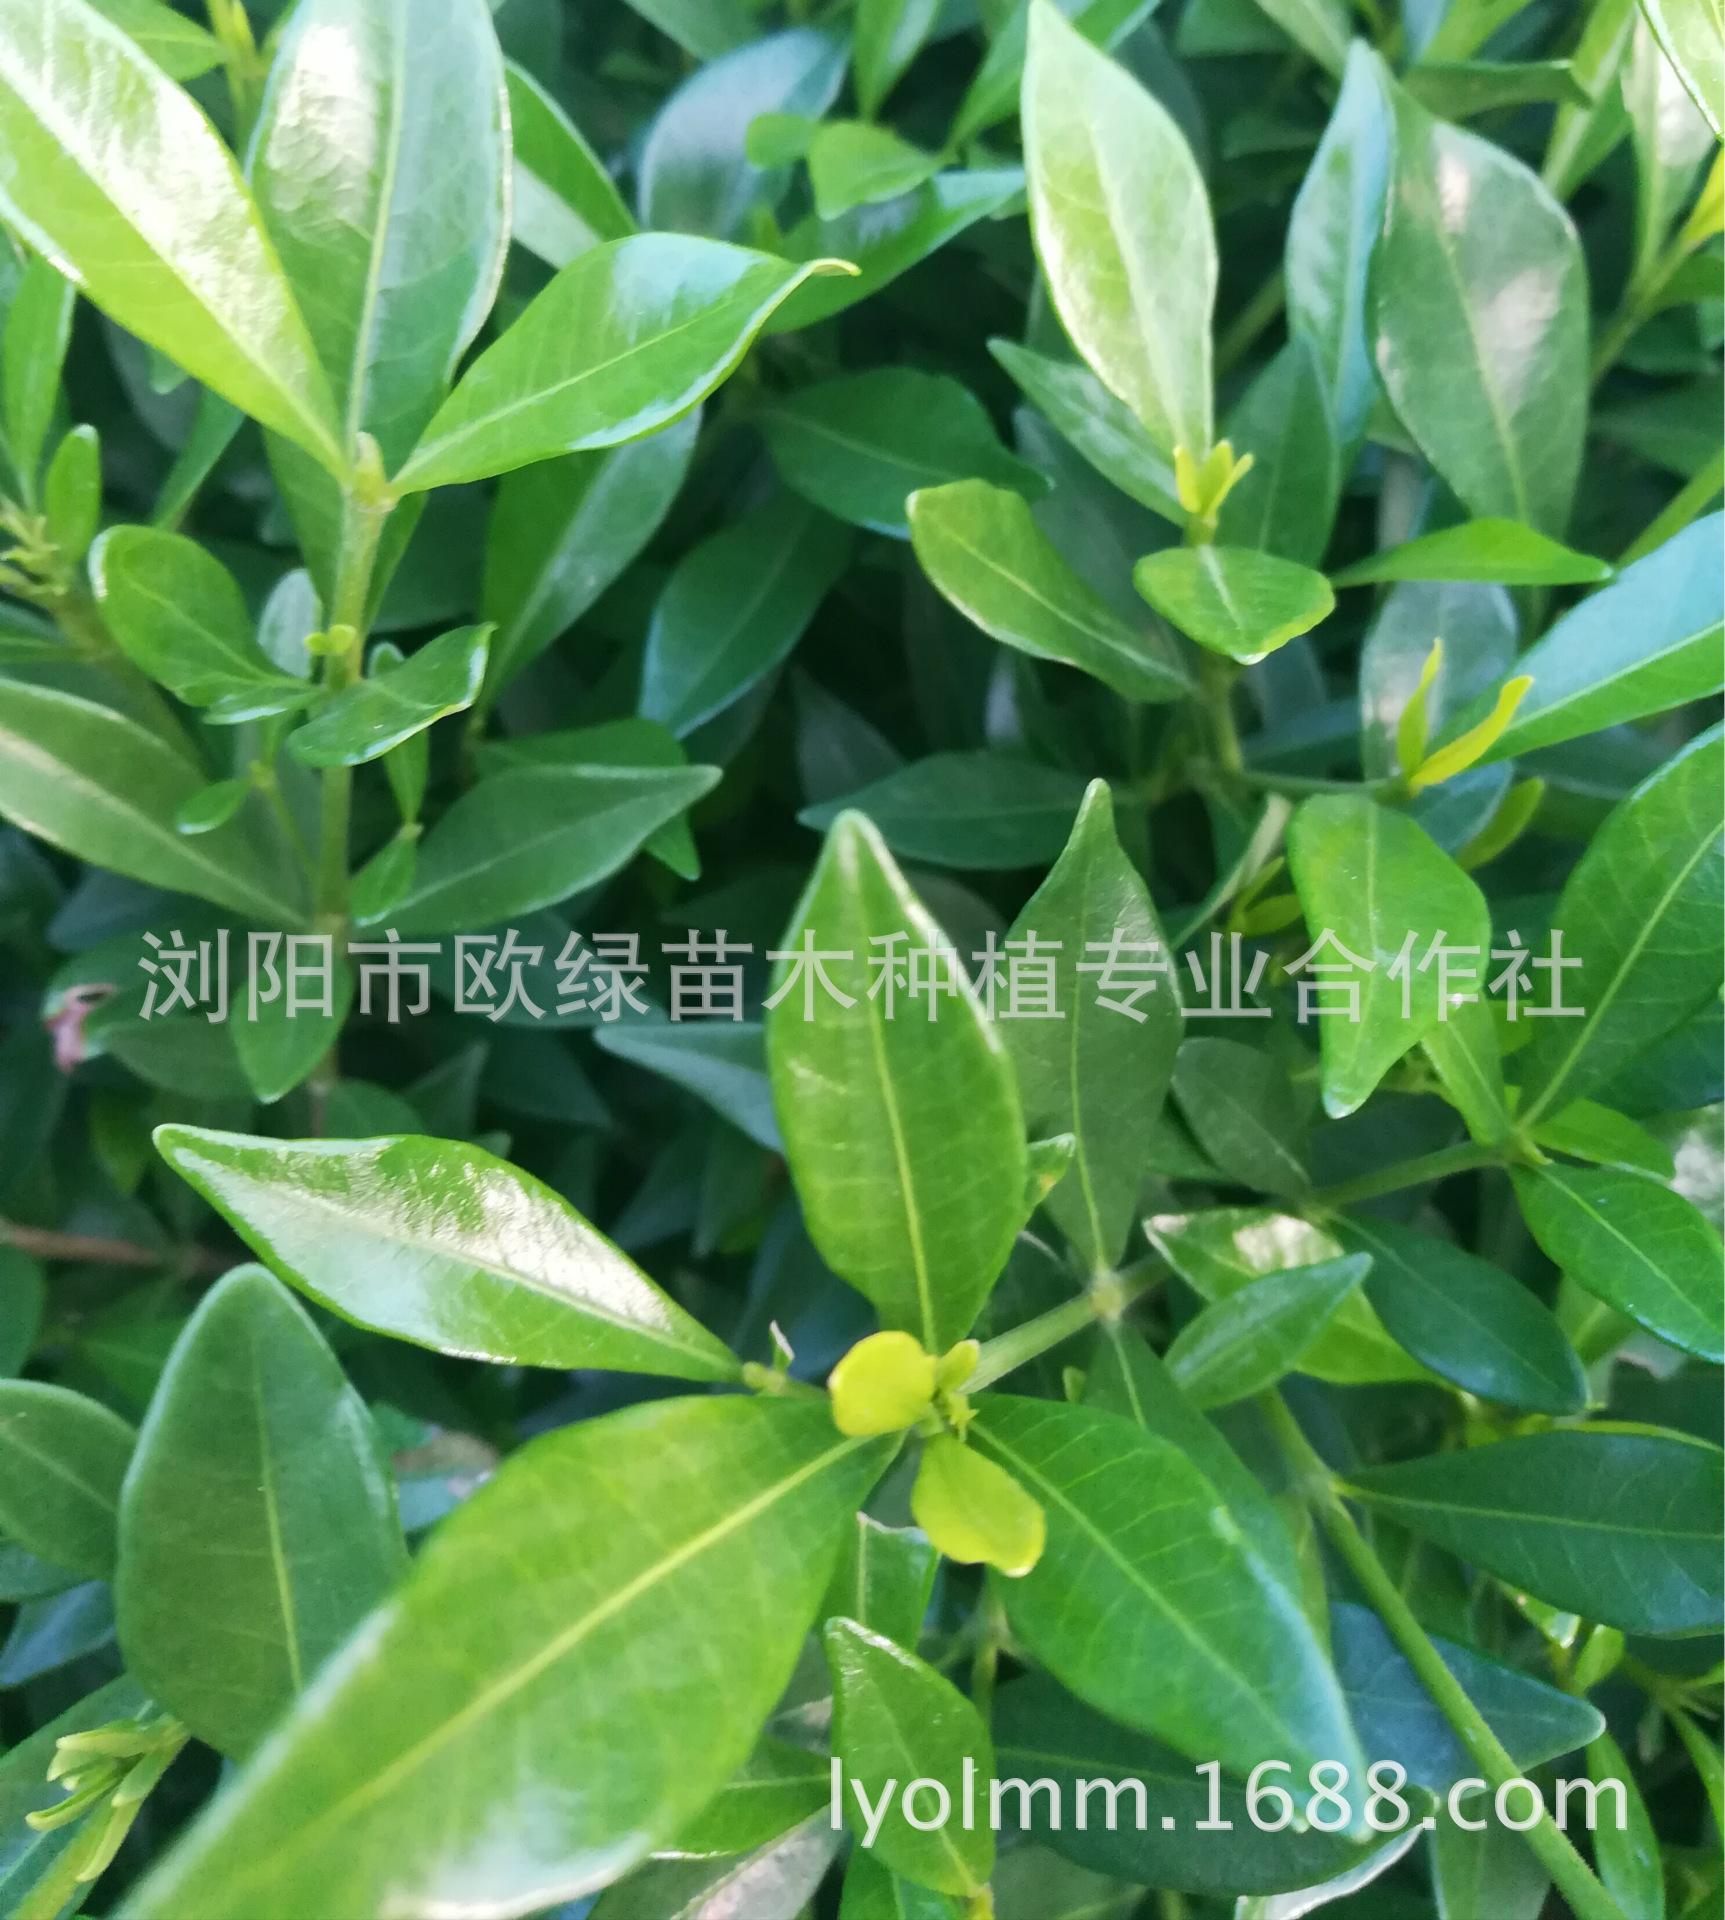 湖南苗木基地供应优质小叶栀子花苗 多种色块绿化苗 量大从